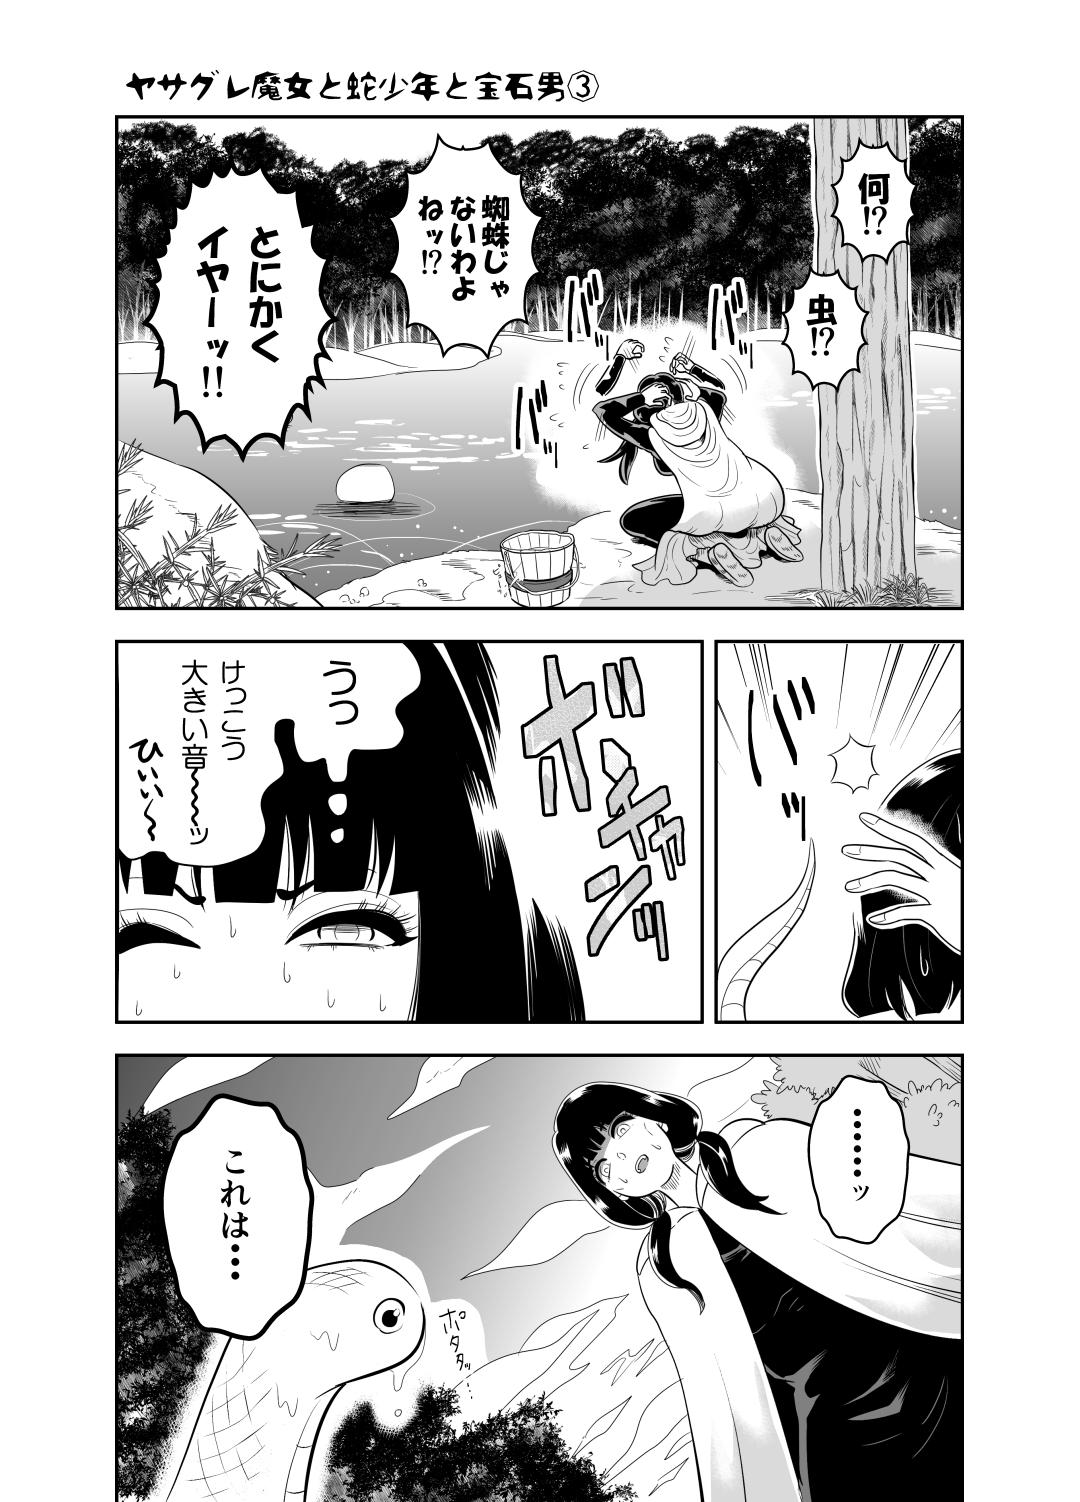 ヤサグレ魔女3ヤサグレ魔女と蛇少年と宝石男0037